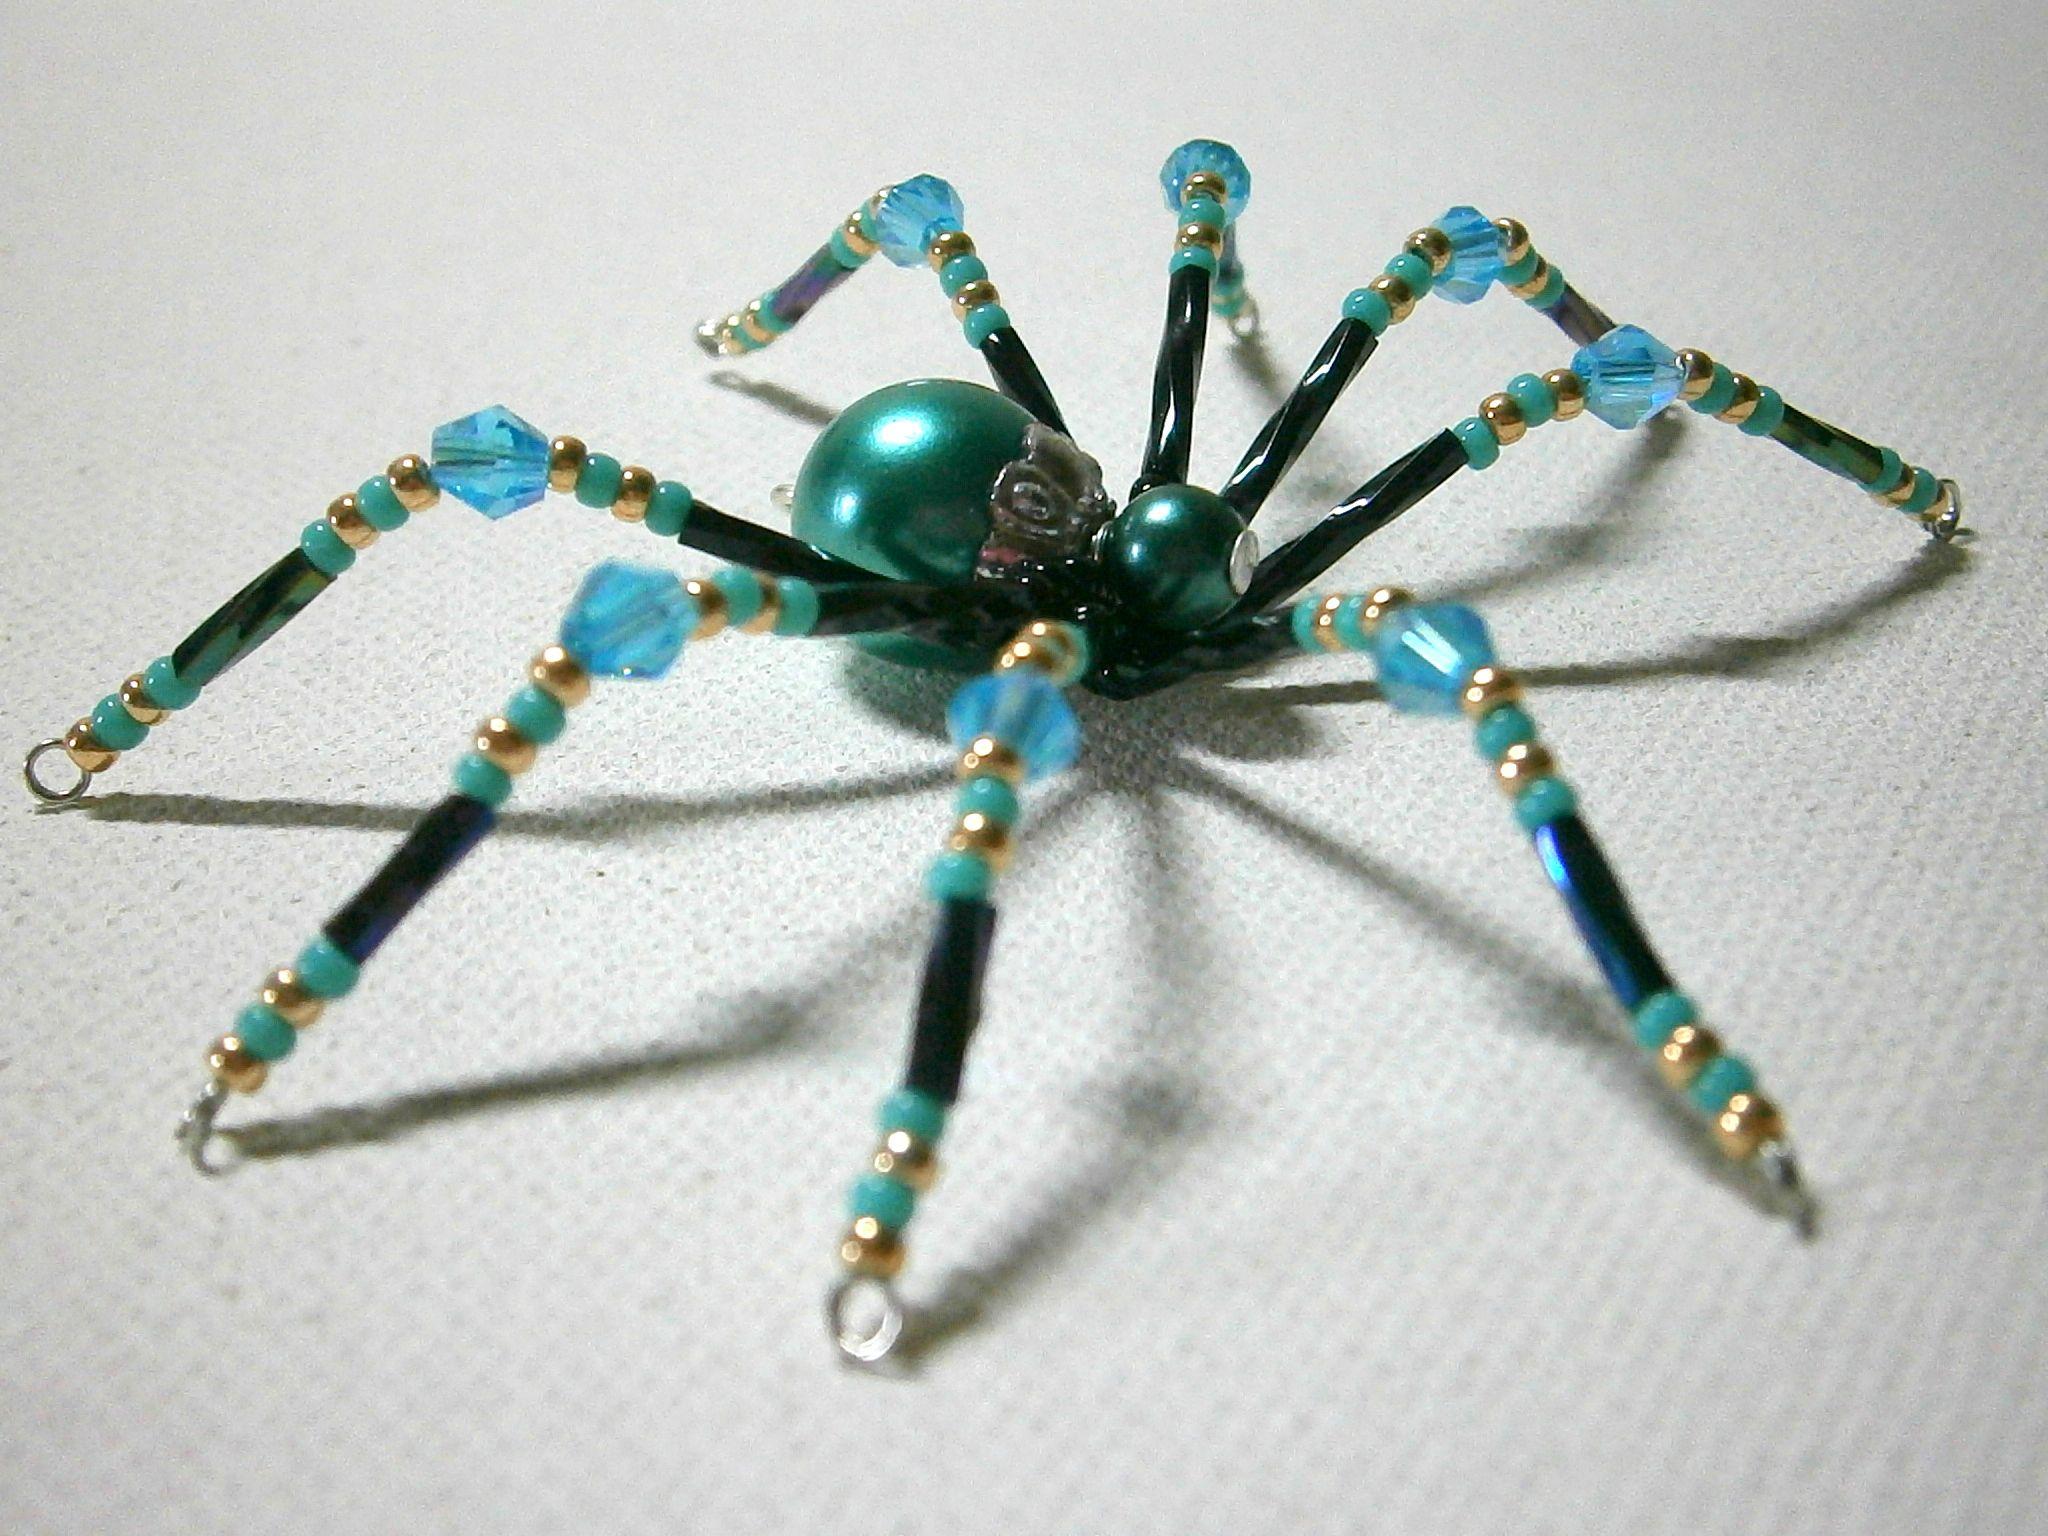 Generous Wire Scorpion Images - Wiring Diagram Ideas - blogitia.com